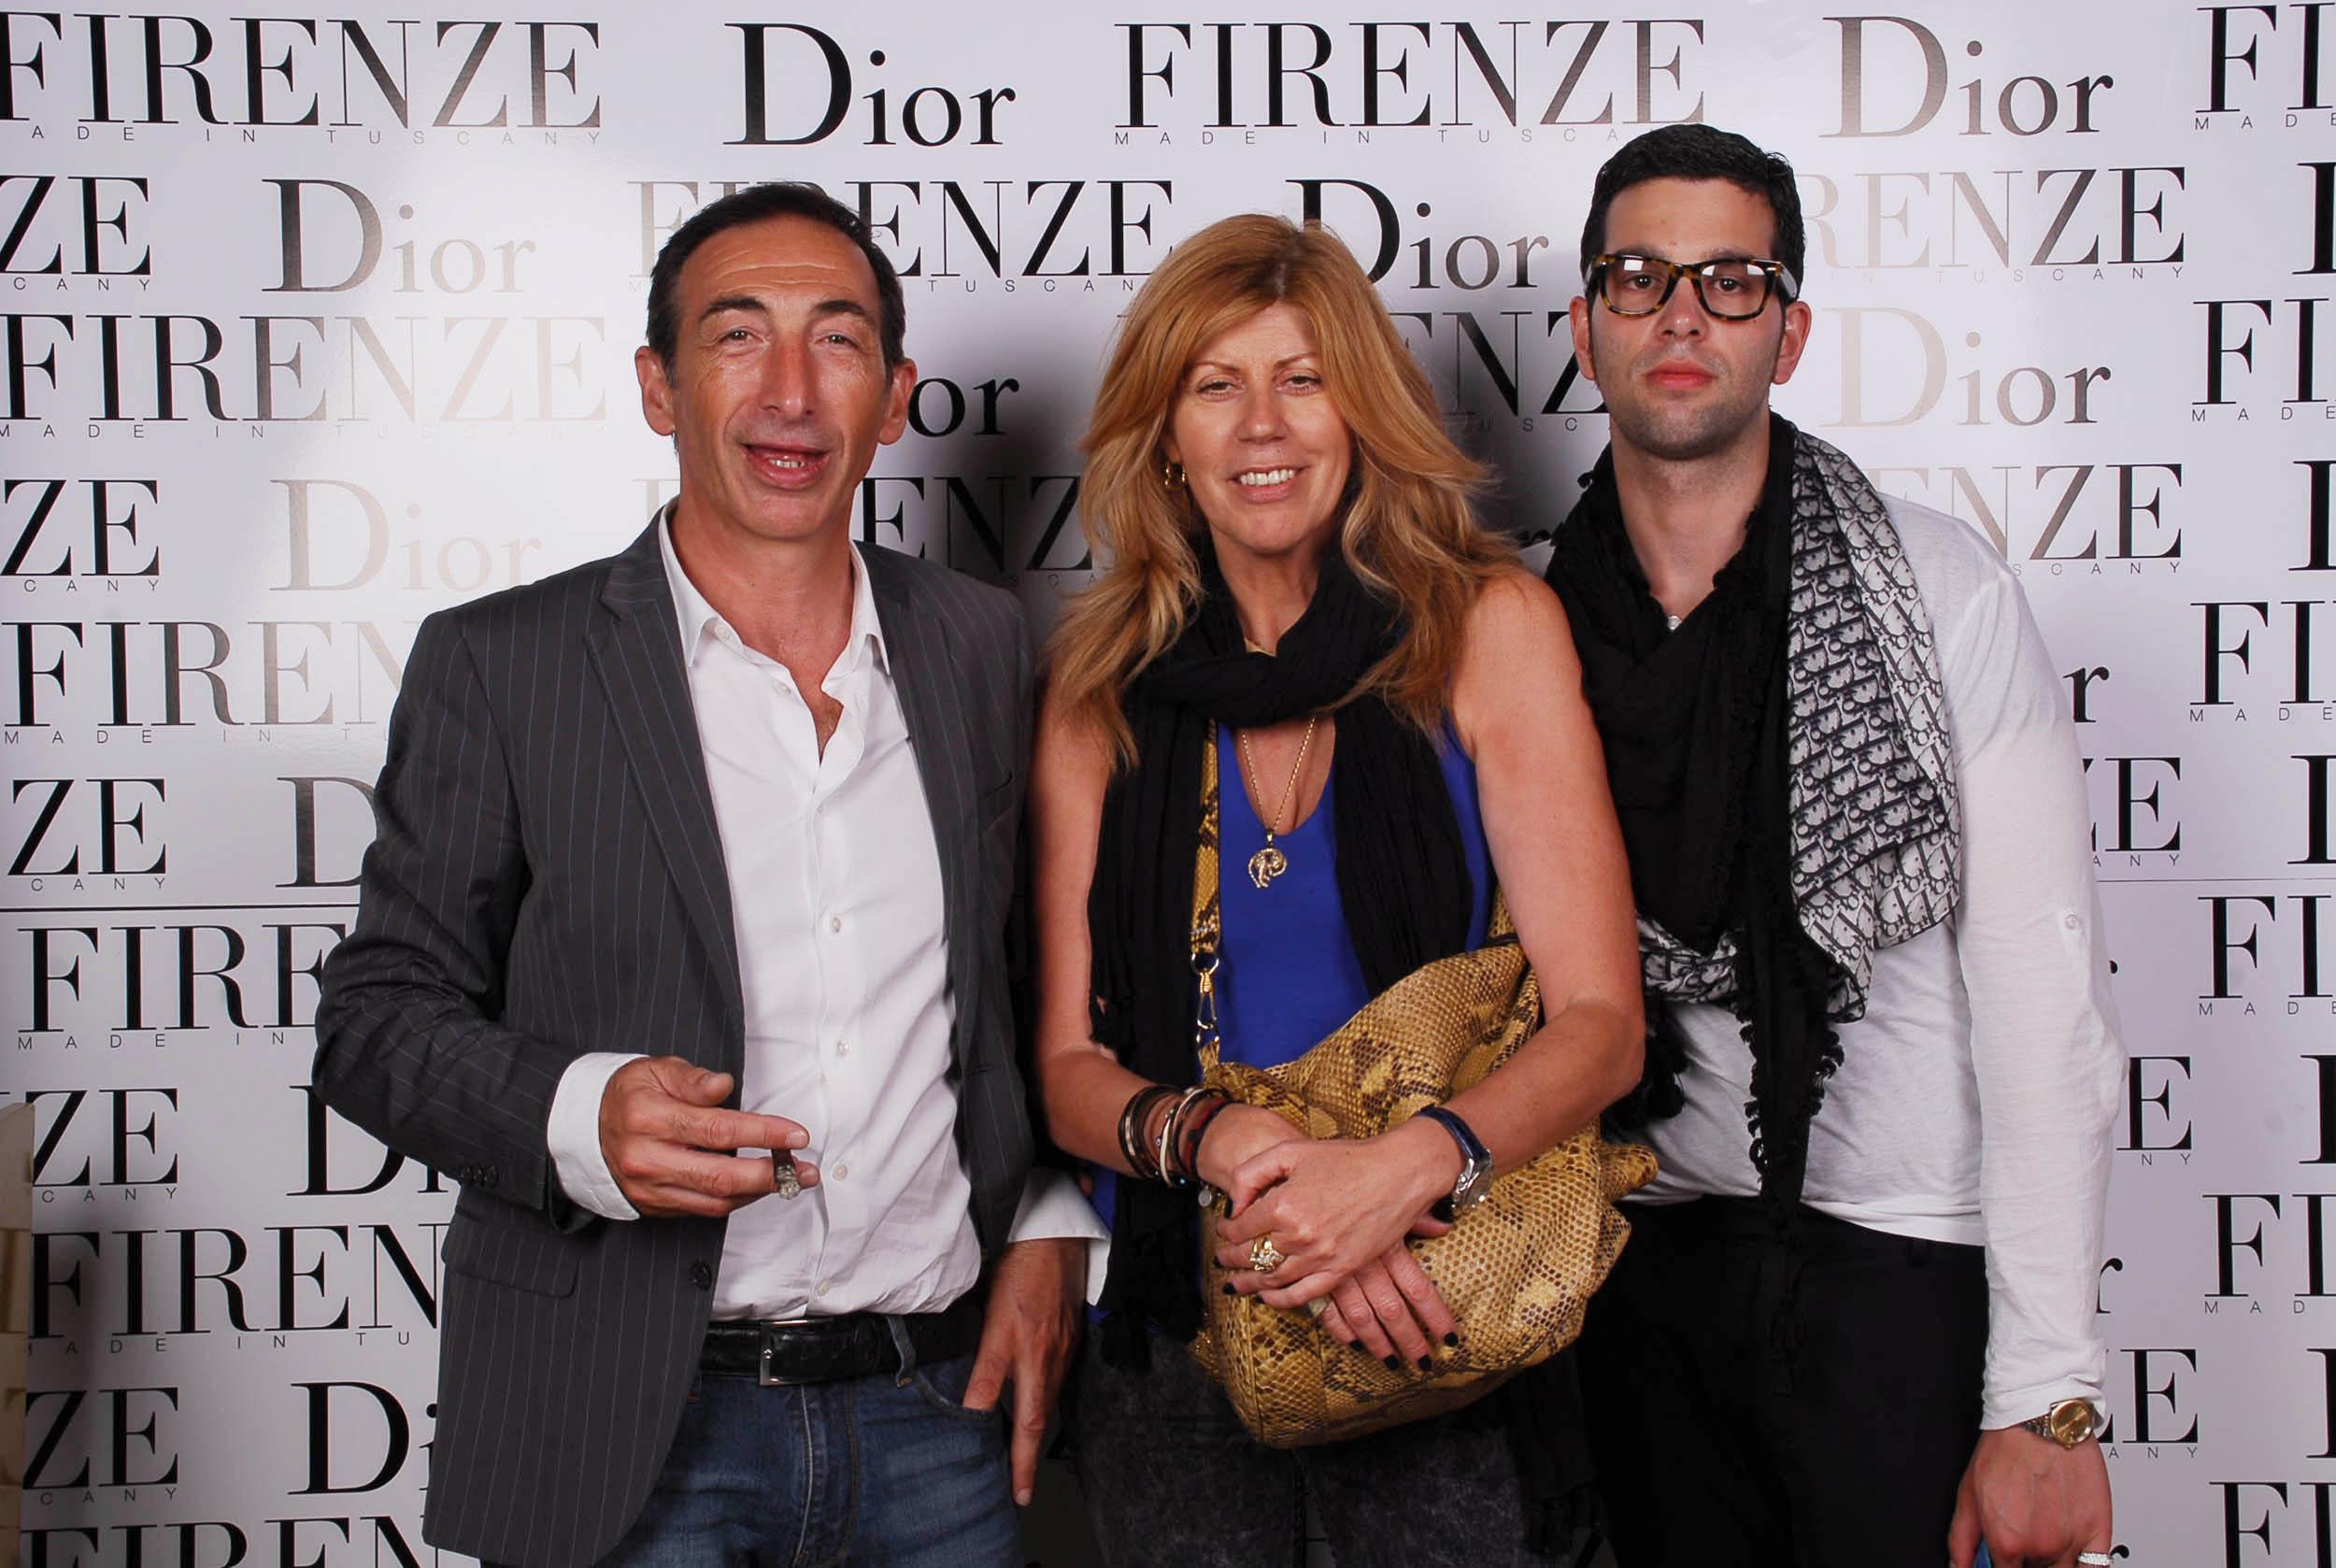 PRESSPHOTO  Firenze, evento Dior al teatro romano di Fiesole. Nella foto Giorgio Brogi, Erica Costa e Daniele Pellegrinetti